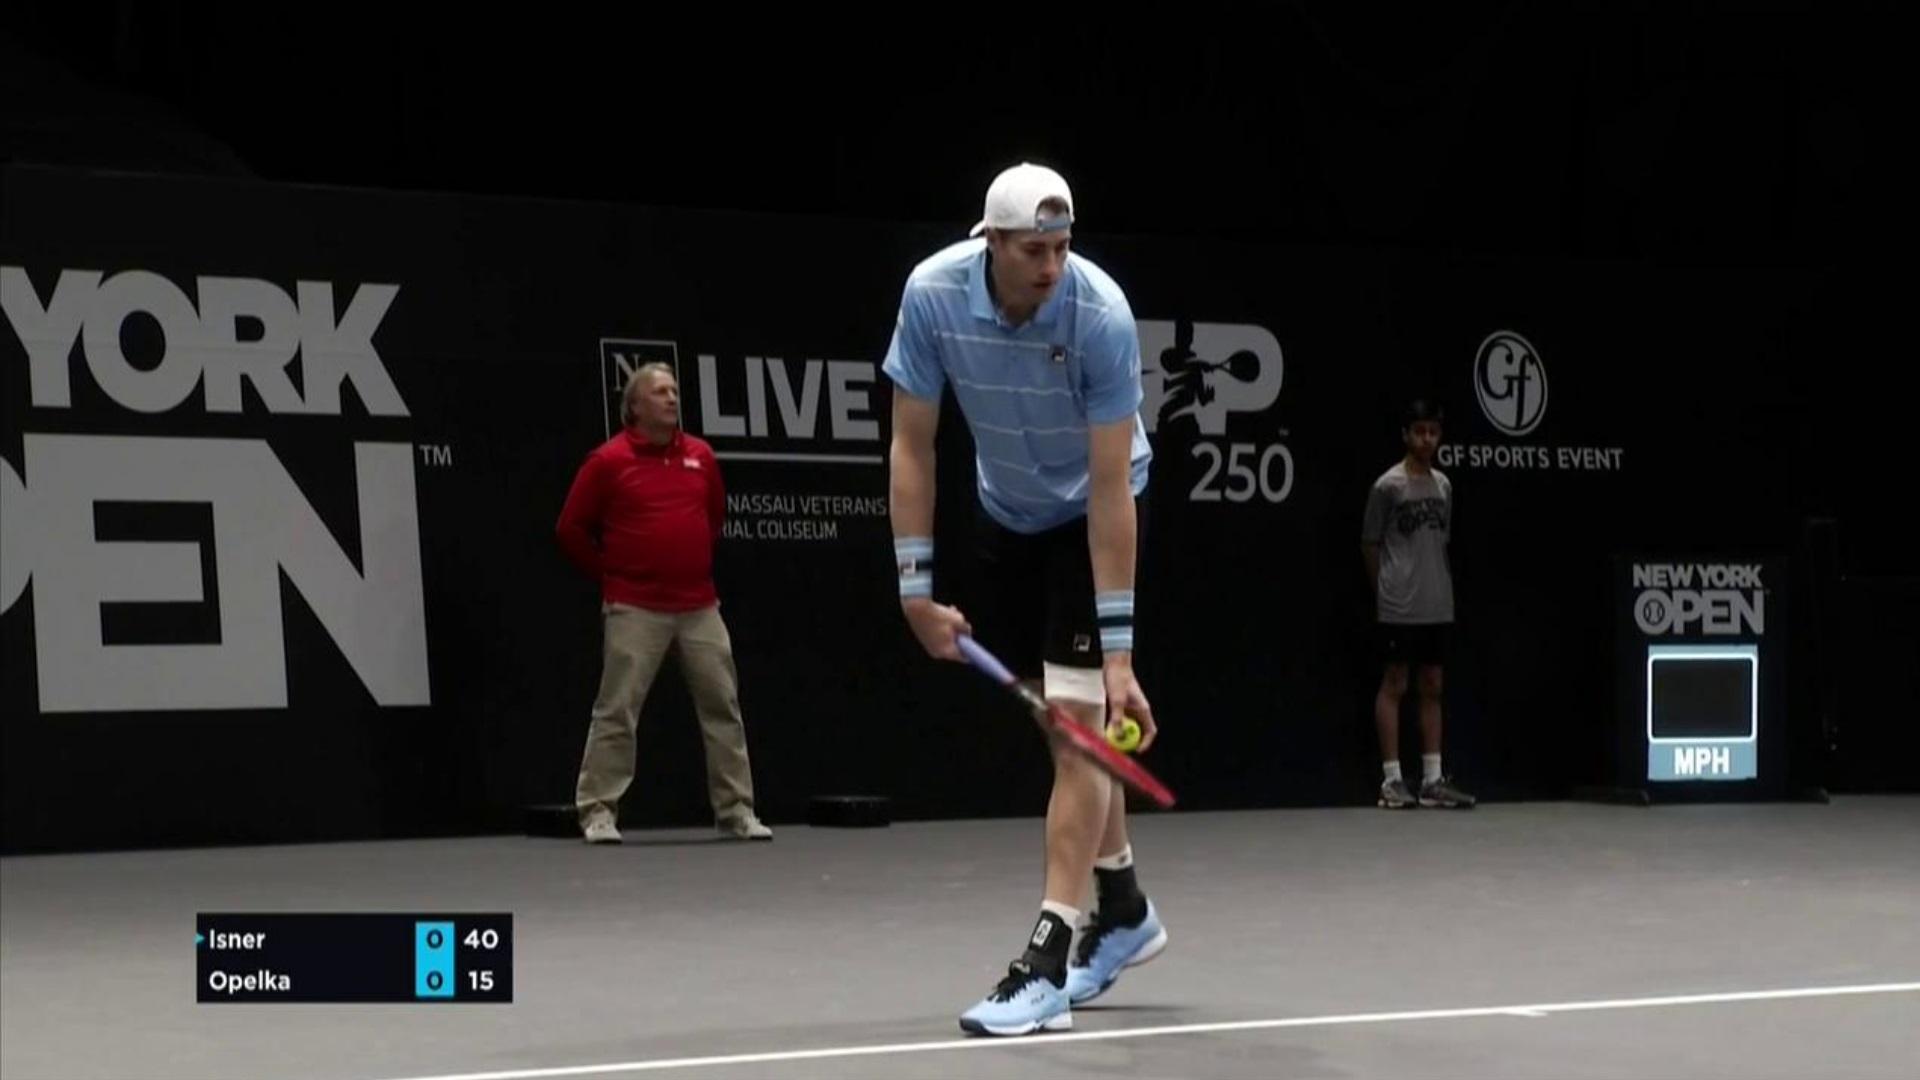 Tenis - ATP 250 Torneo Long Island (EEUU), 2ª Semifinal: J. Isner - R. Opelka